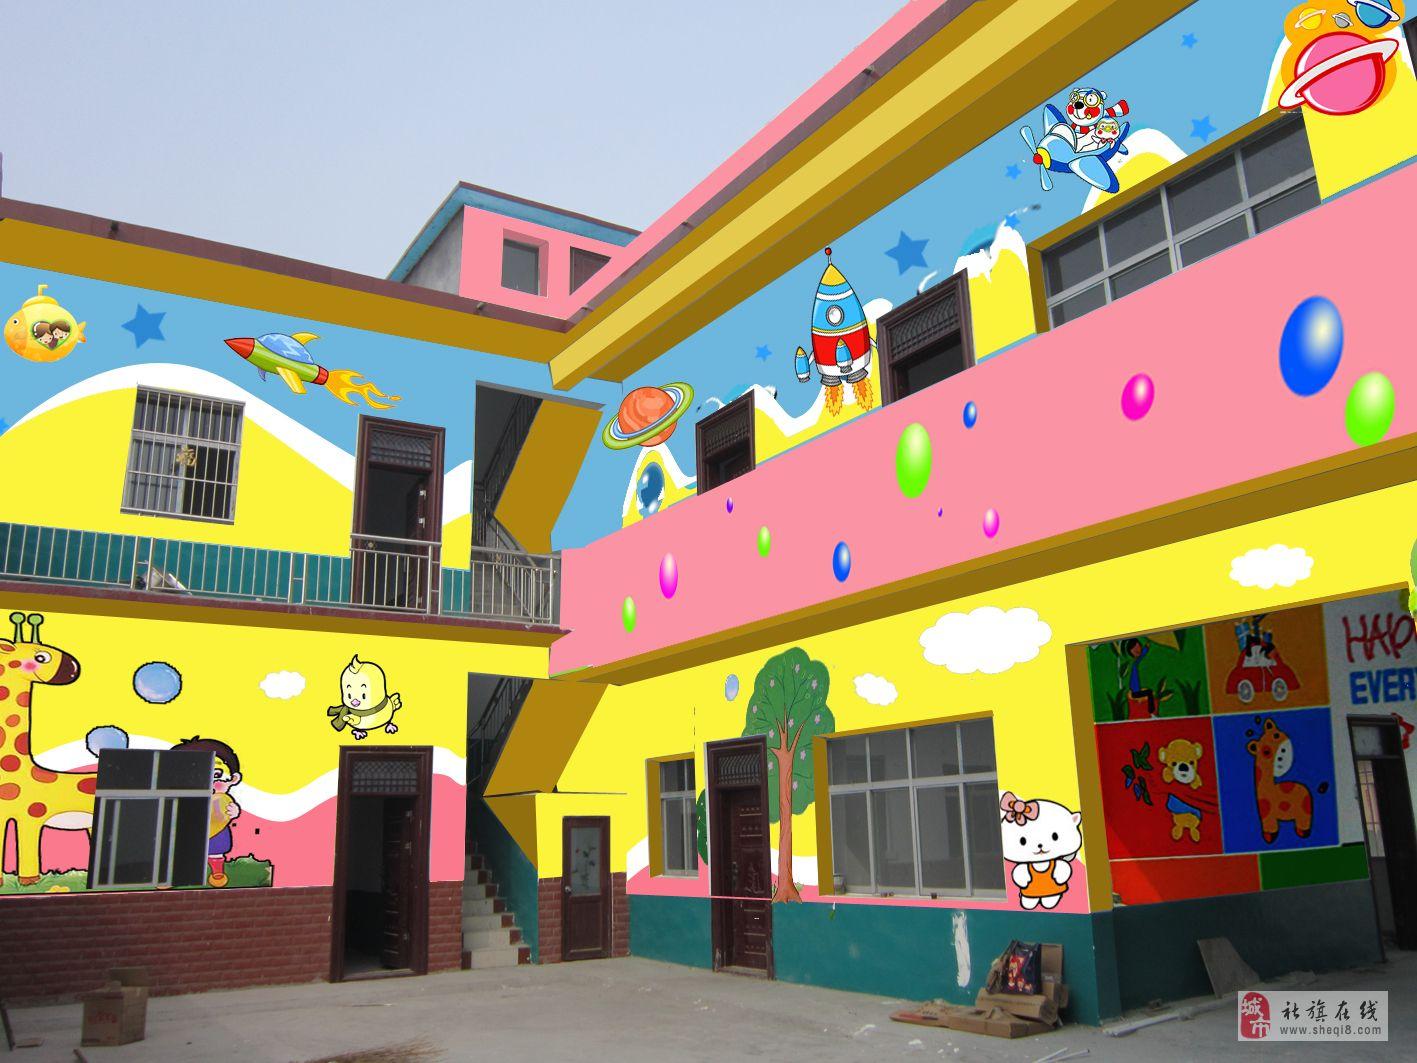 公司介绍 公司名称:红缨教育   育缨幼儿园连锁   公司地址:太和镇